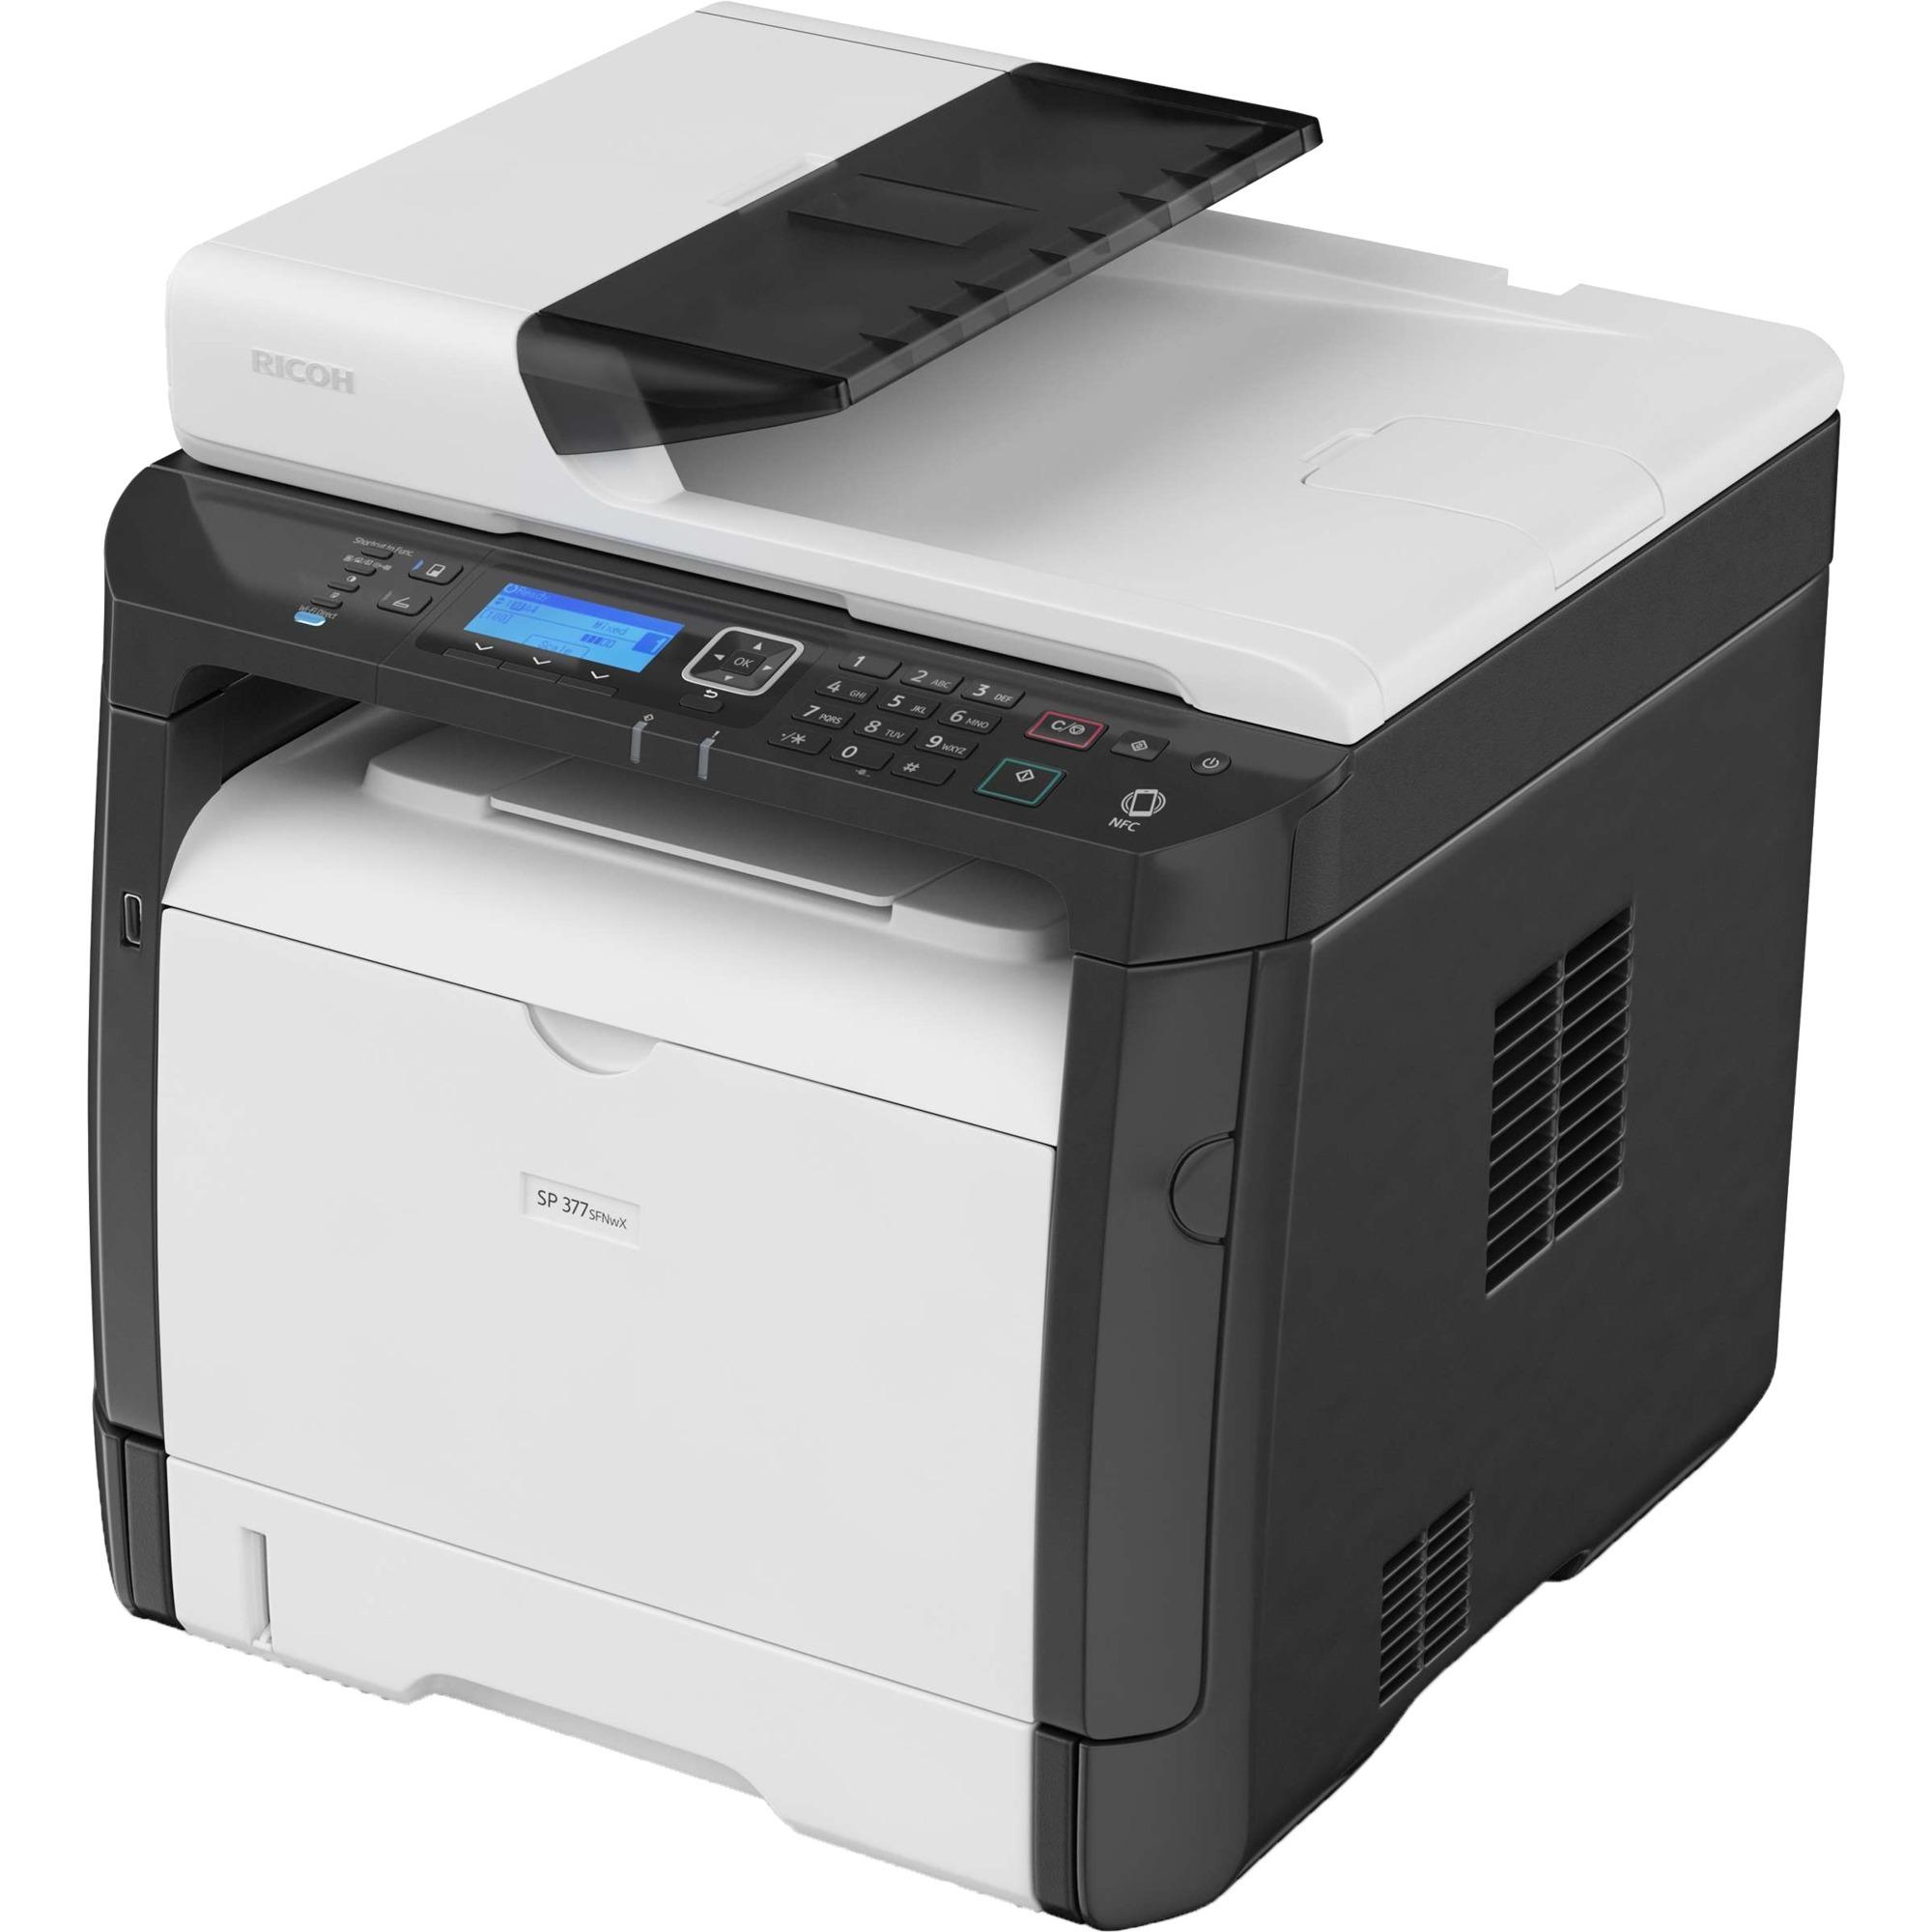 SP 377SFNwX 1200 x 1200DPI Laser A4 28ppm Wifi multifonctionnel, Imprimante multifonction